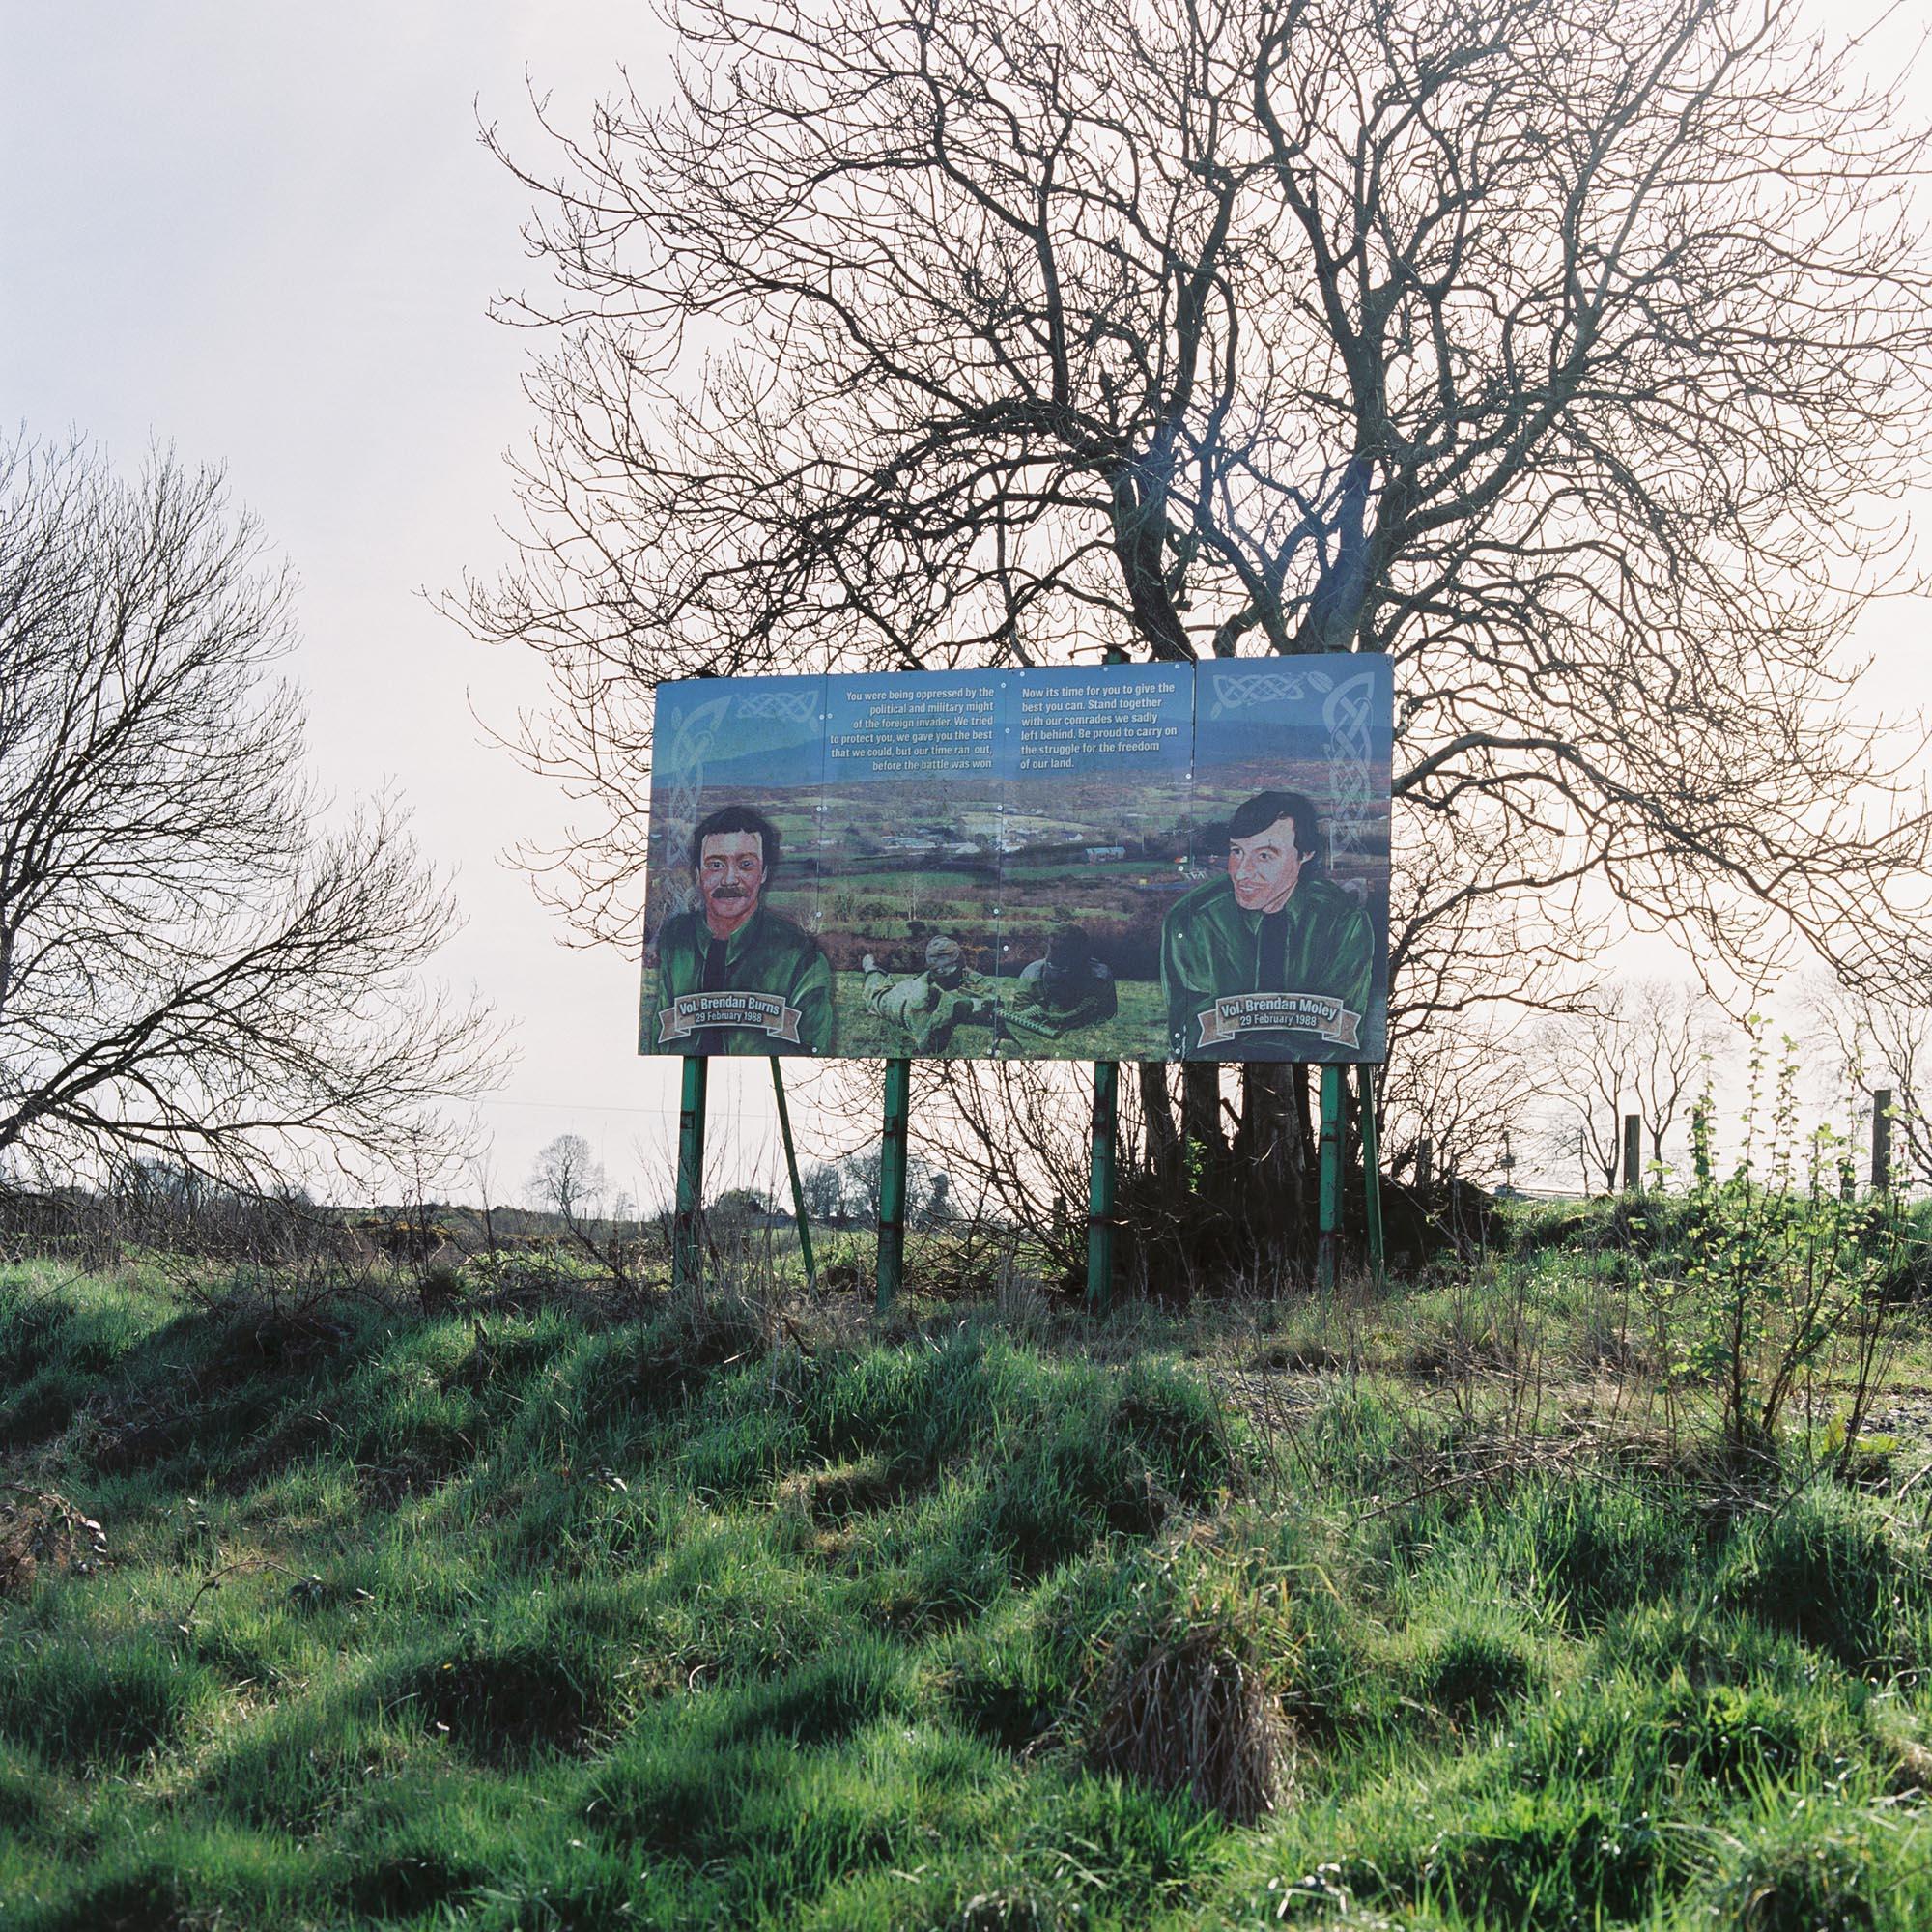 A mural in honour of IRA Volunteers Brendan Moley and Brendan Burns